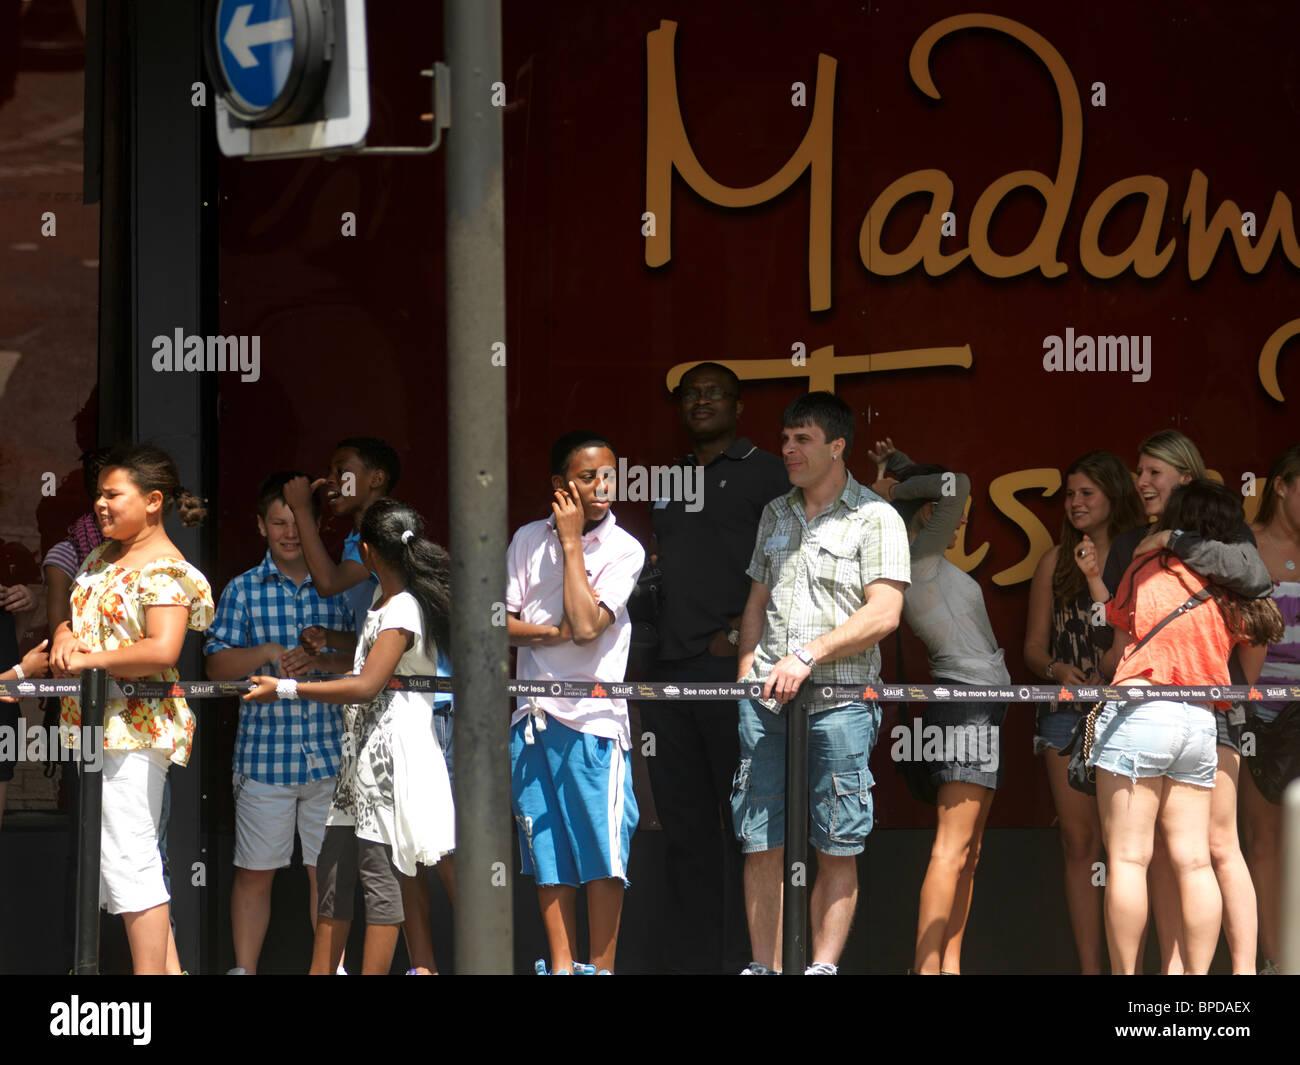 Madame Stock Photos & Madame Stock Images - Alamy